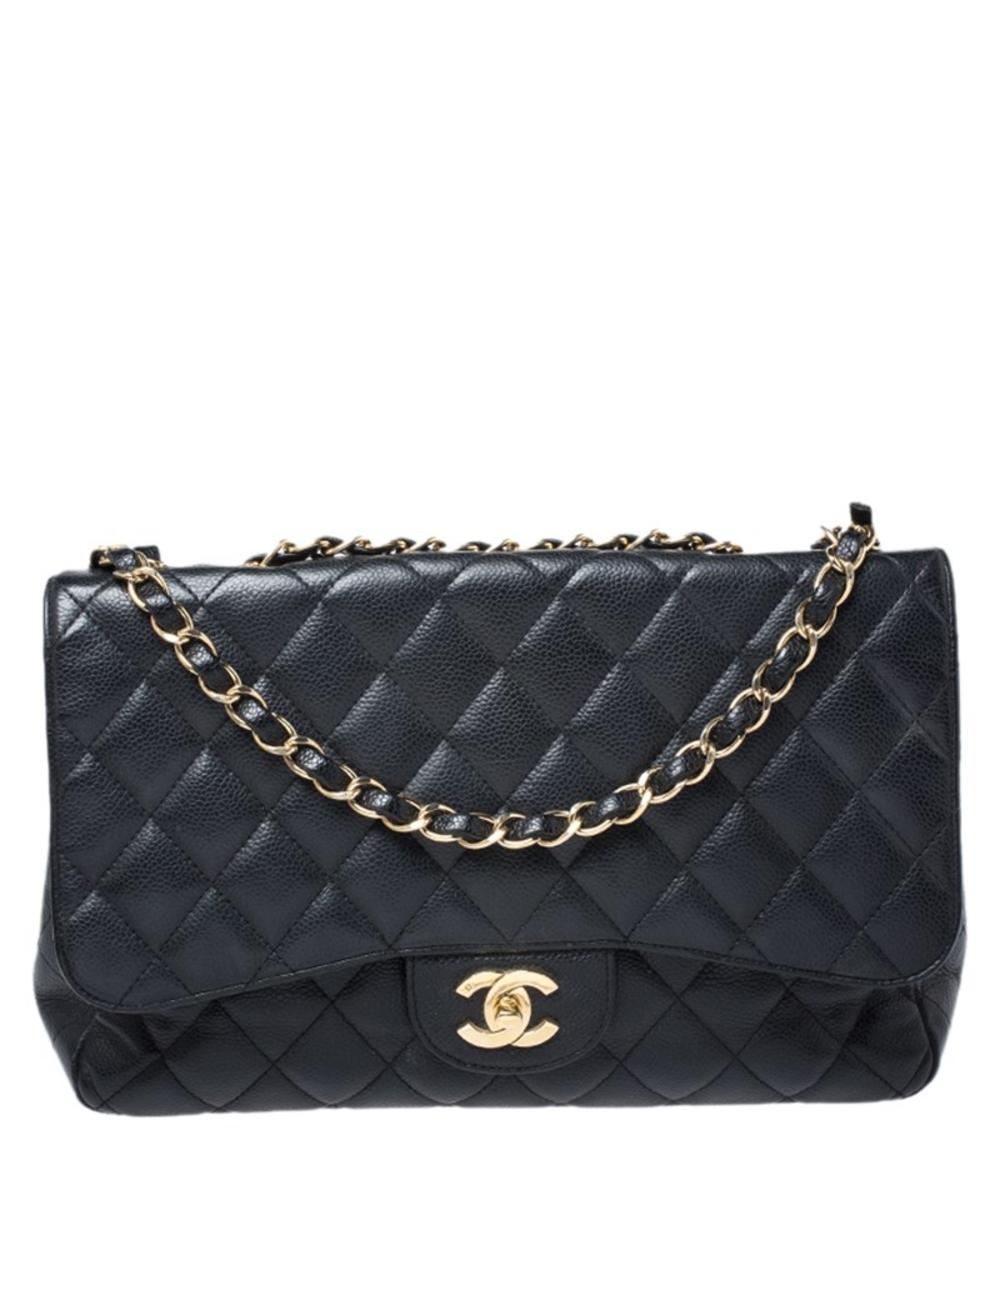 香奈兒(Chanel)這款翻蓋包對我們超讚,因為它以超現實的方式吸引人。精美的被子設計是由皮革精製而成,在皮革內飾上帶有標誌性標籤,翻蓋上帶有標誌性的CC鎖。這件作品具有金色五金配件和精美的交織鏈環,